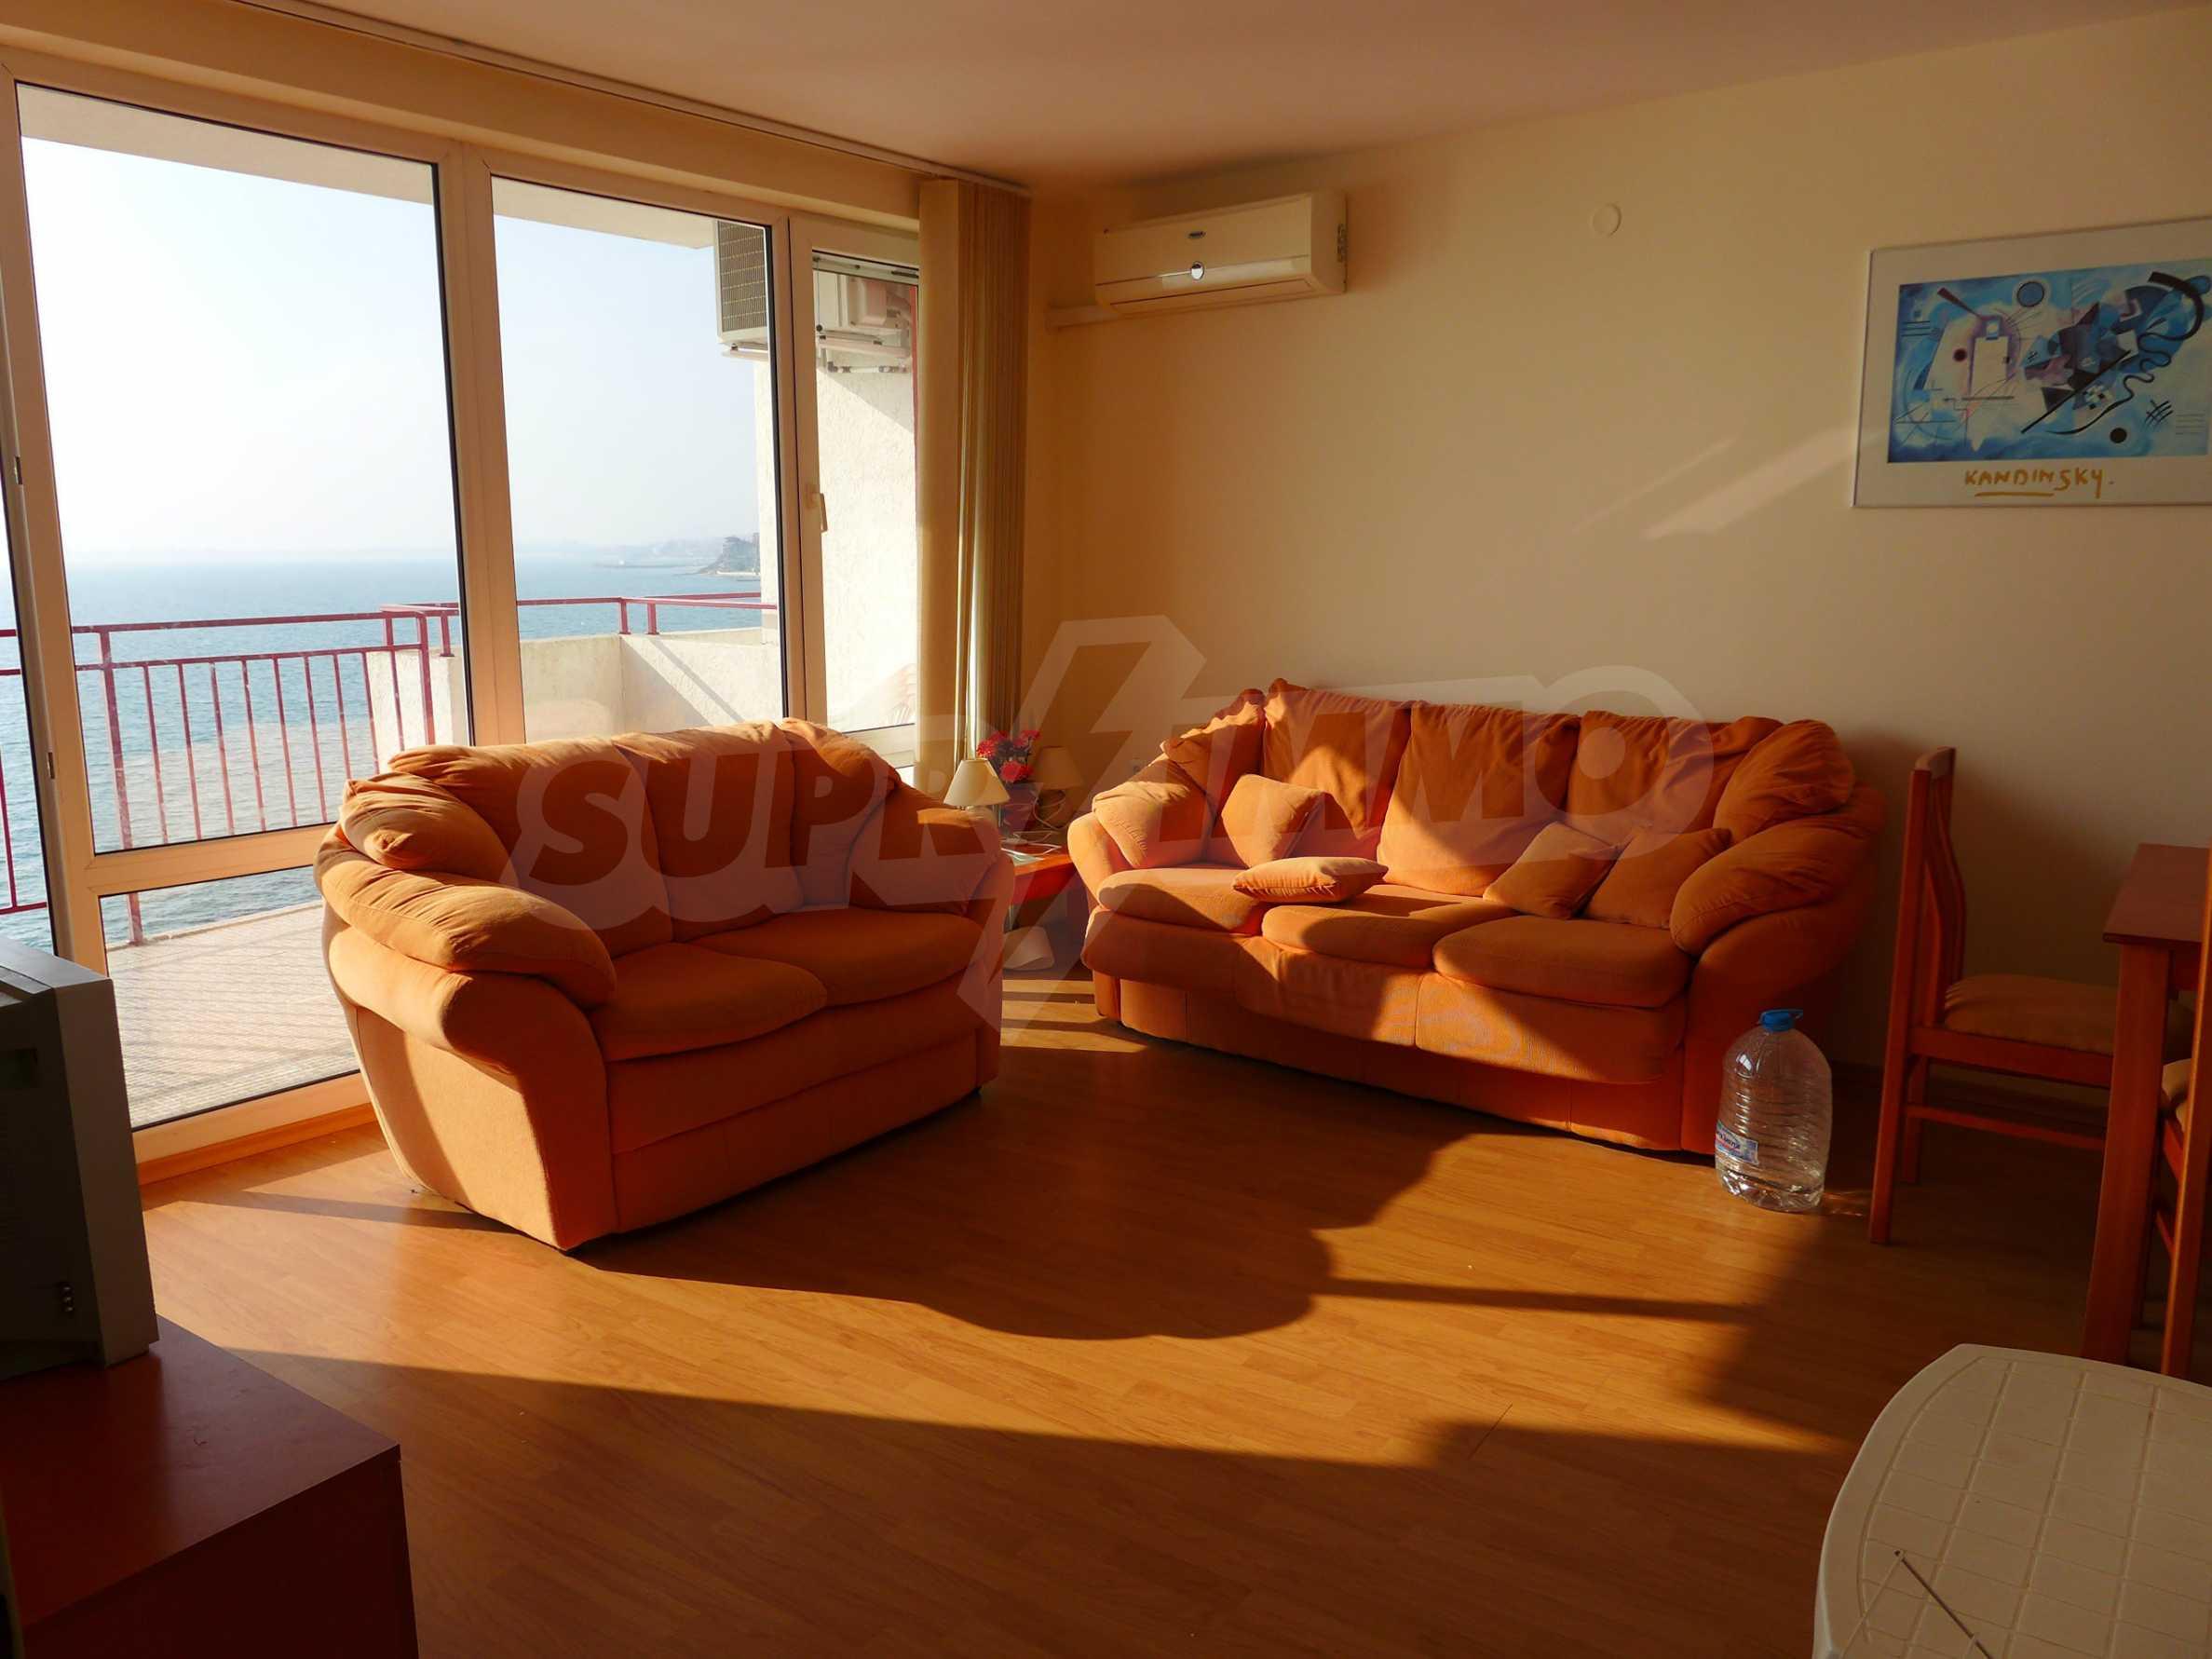 Ausgezeichnete Wohnung in erster Linie mit Meerblick